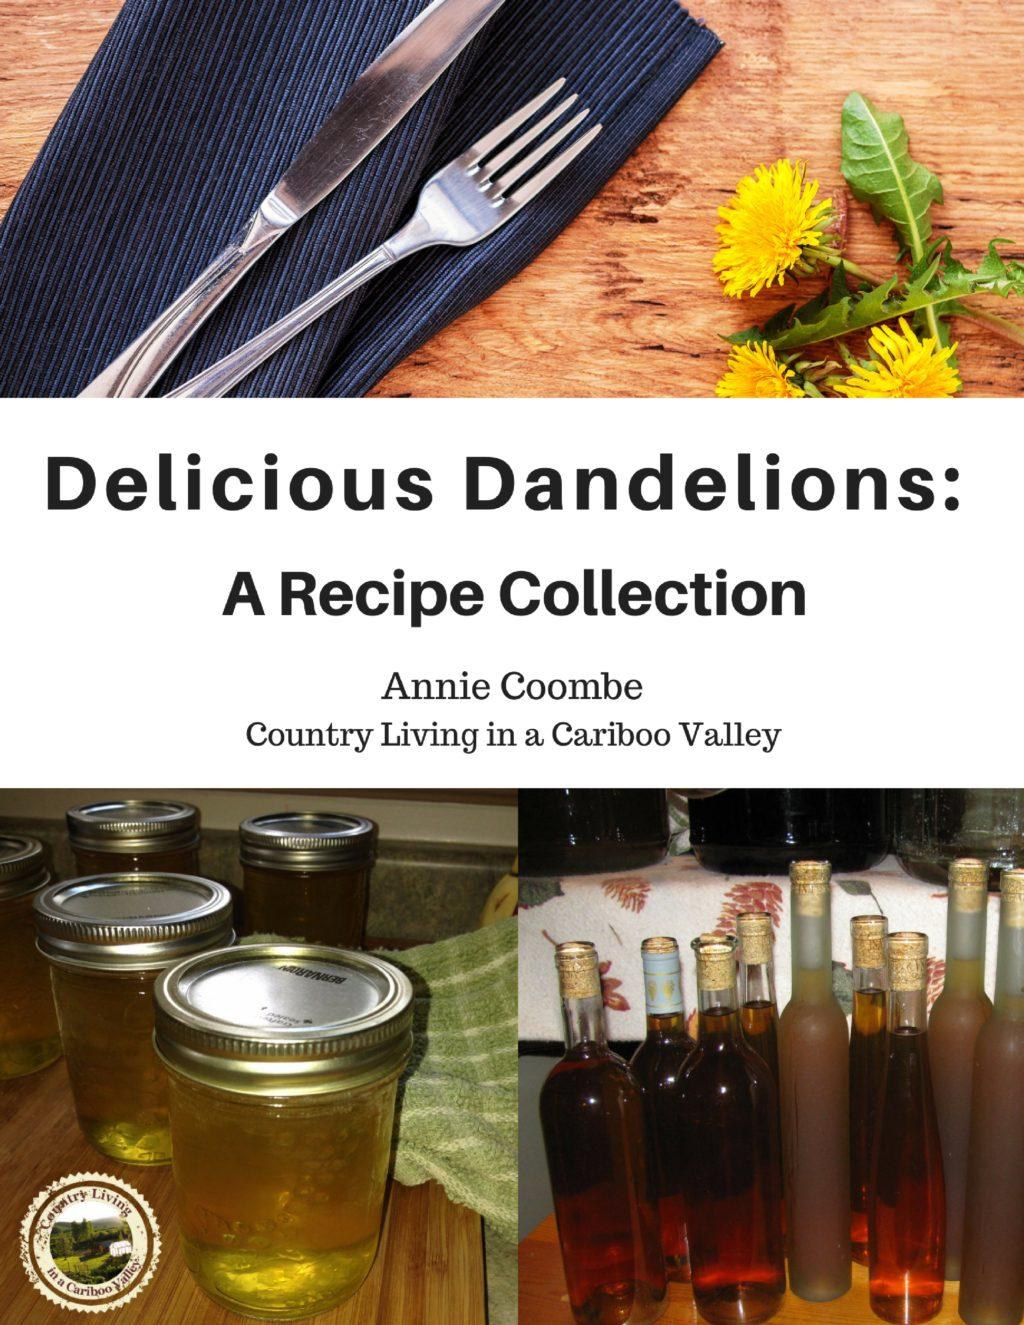 cooking with dandelions, eat dandelions